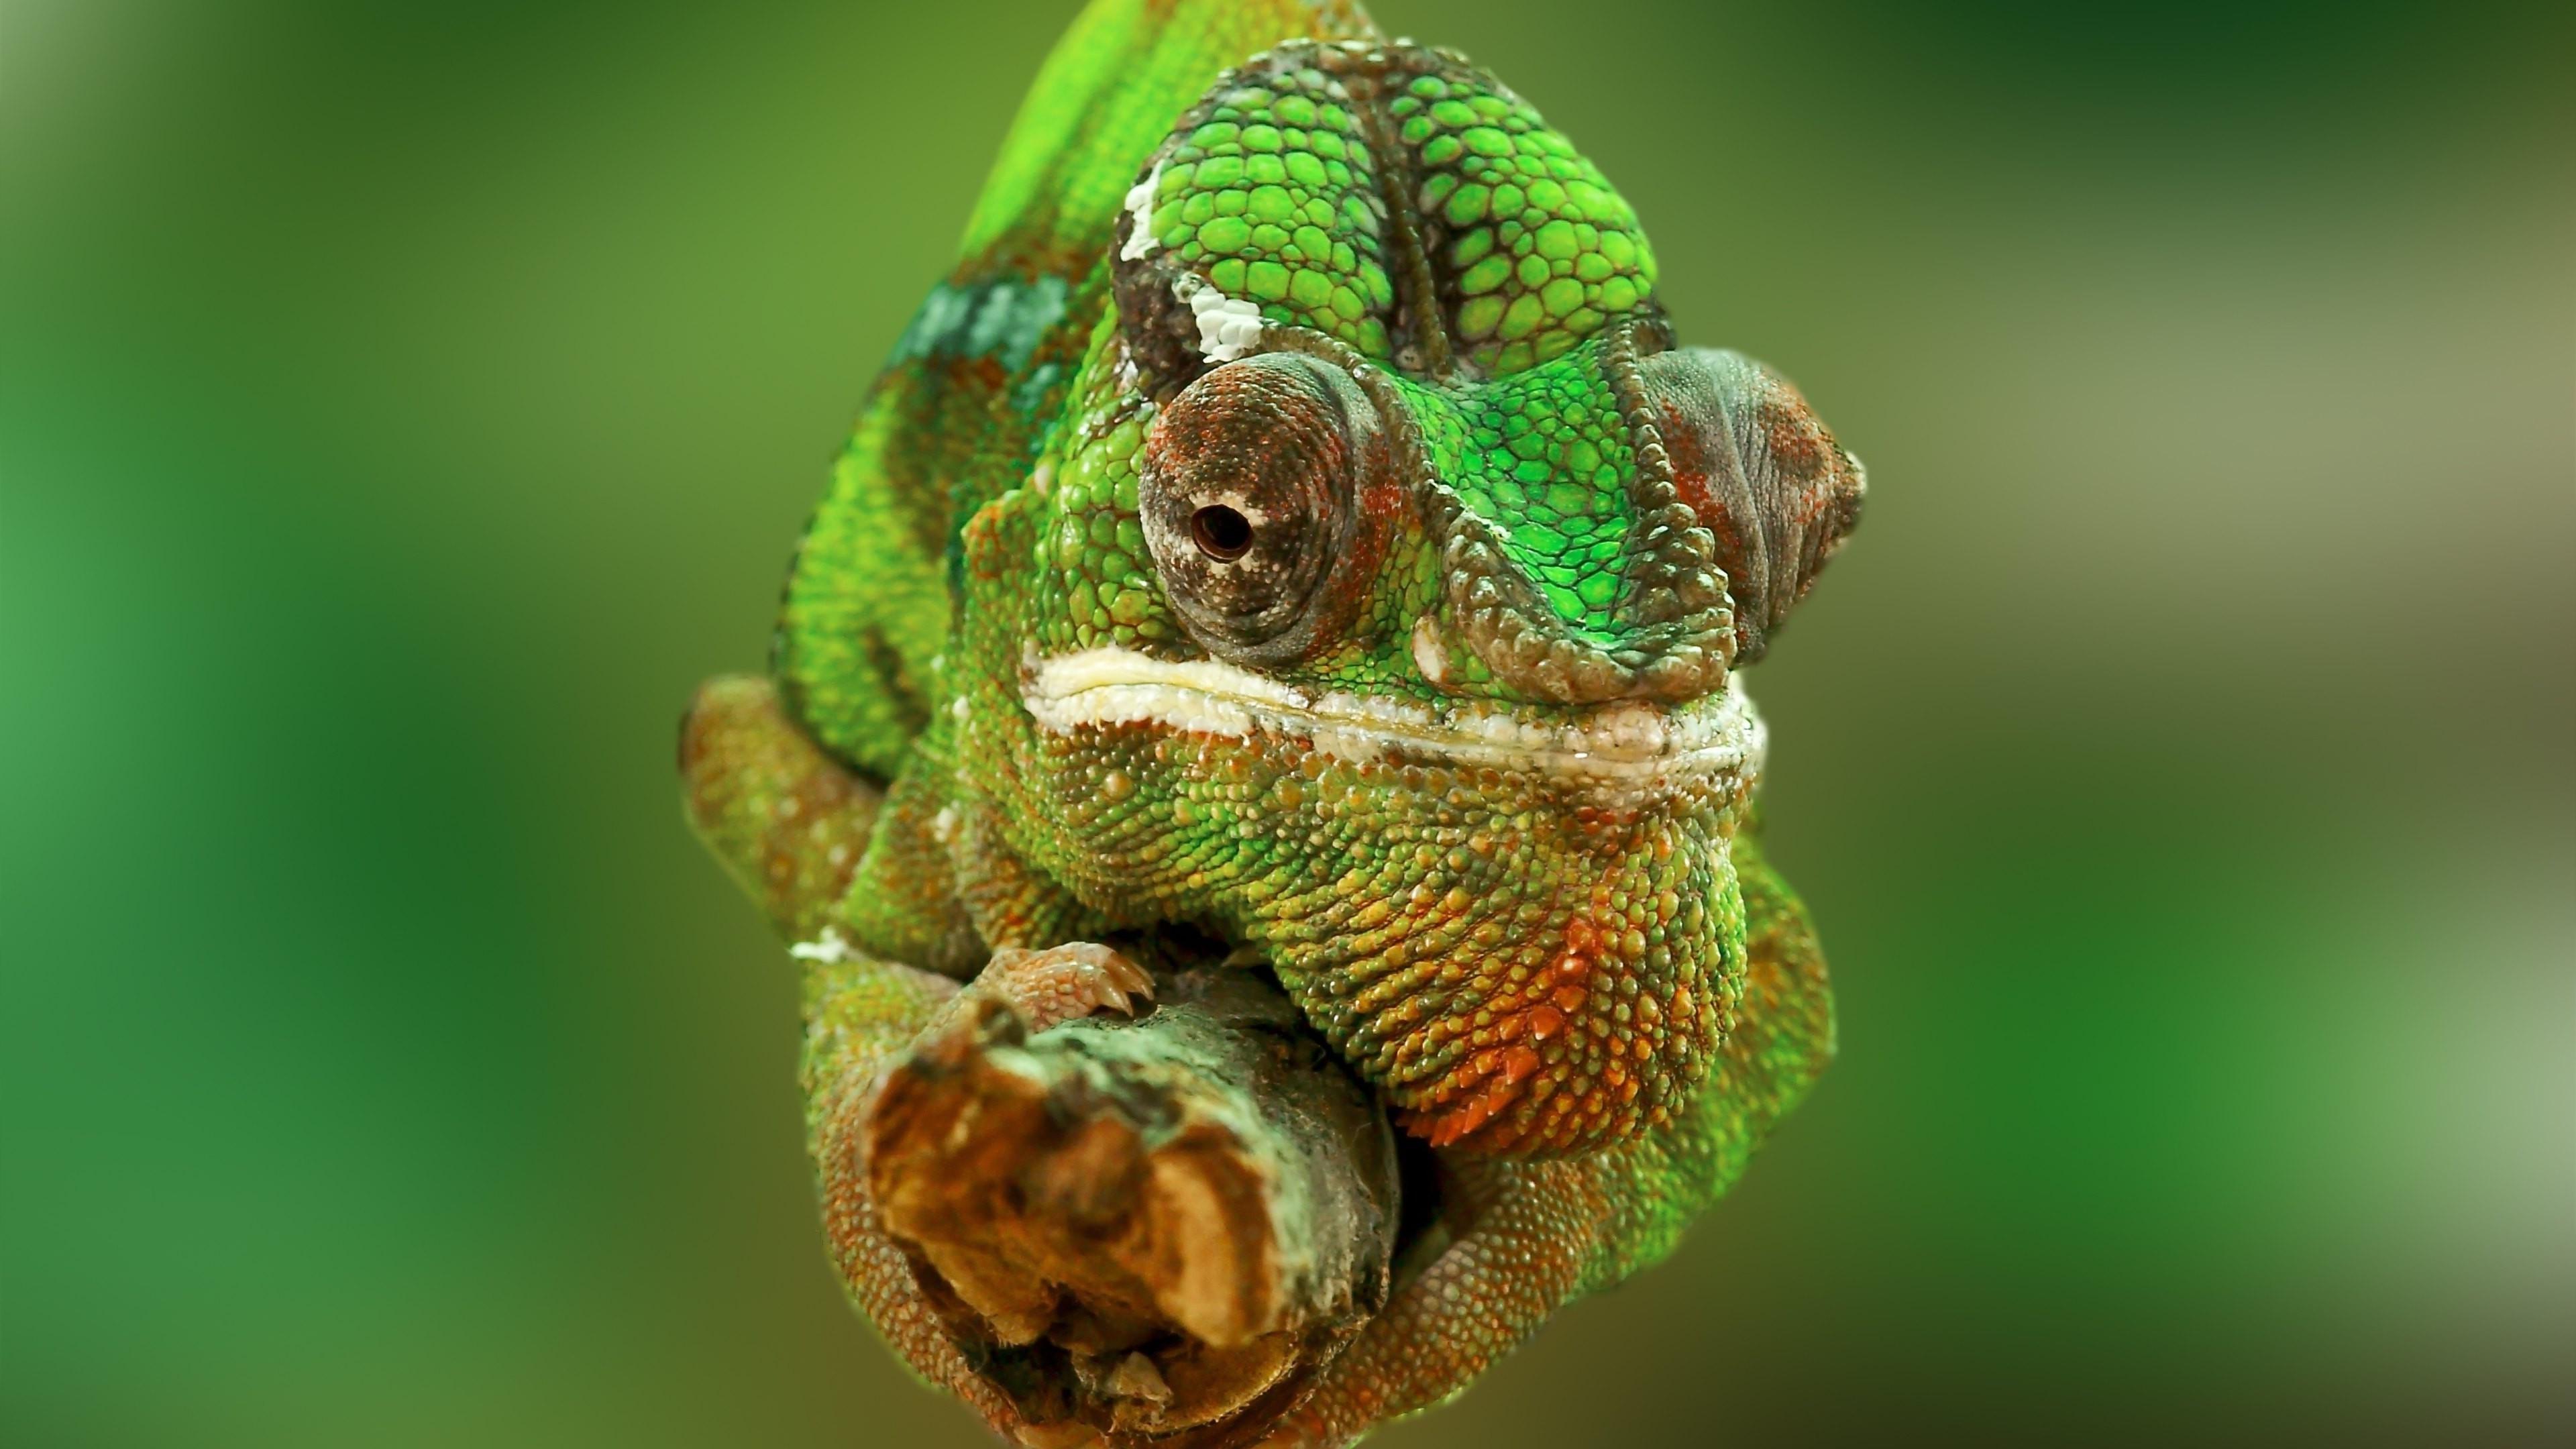 デスクトップ壁紙 3840x2160 Px 動物 カメレオン 爬虫類